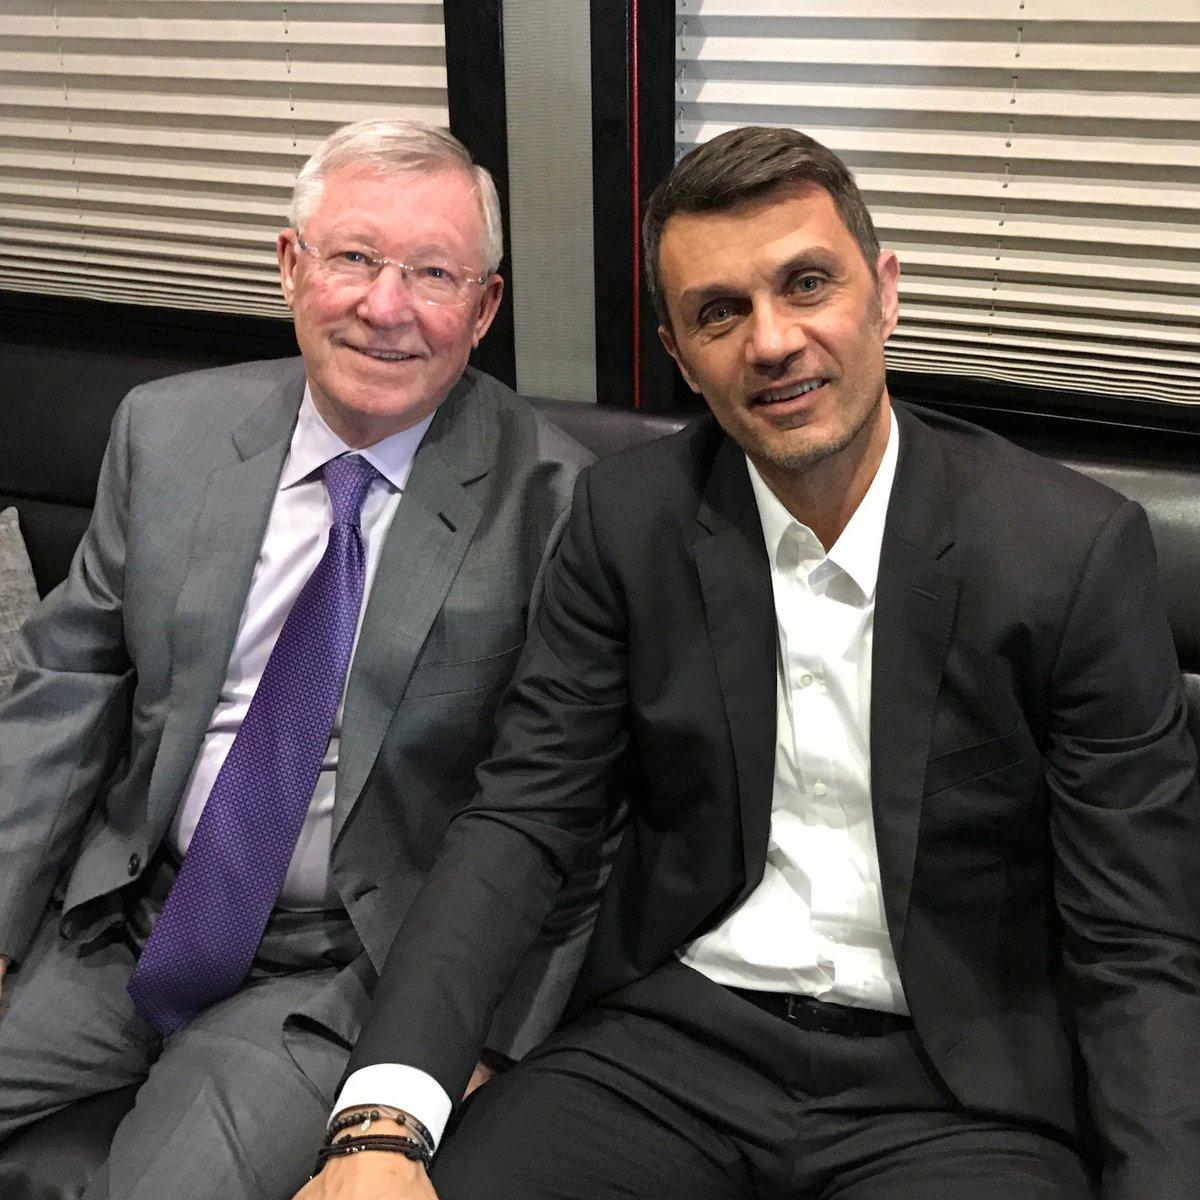 https://t.co/0bLnk5FwC8 - Sir Alex Ferguson Akui Maldini Yang Terbaik...